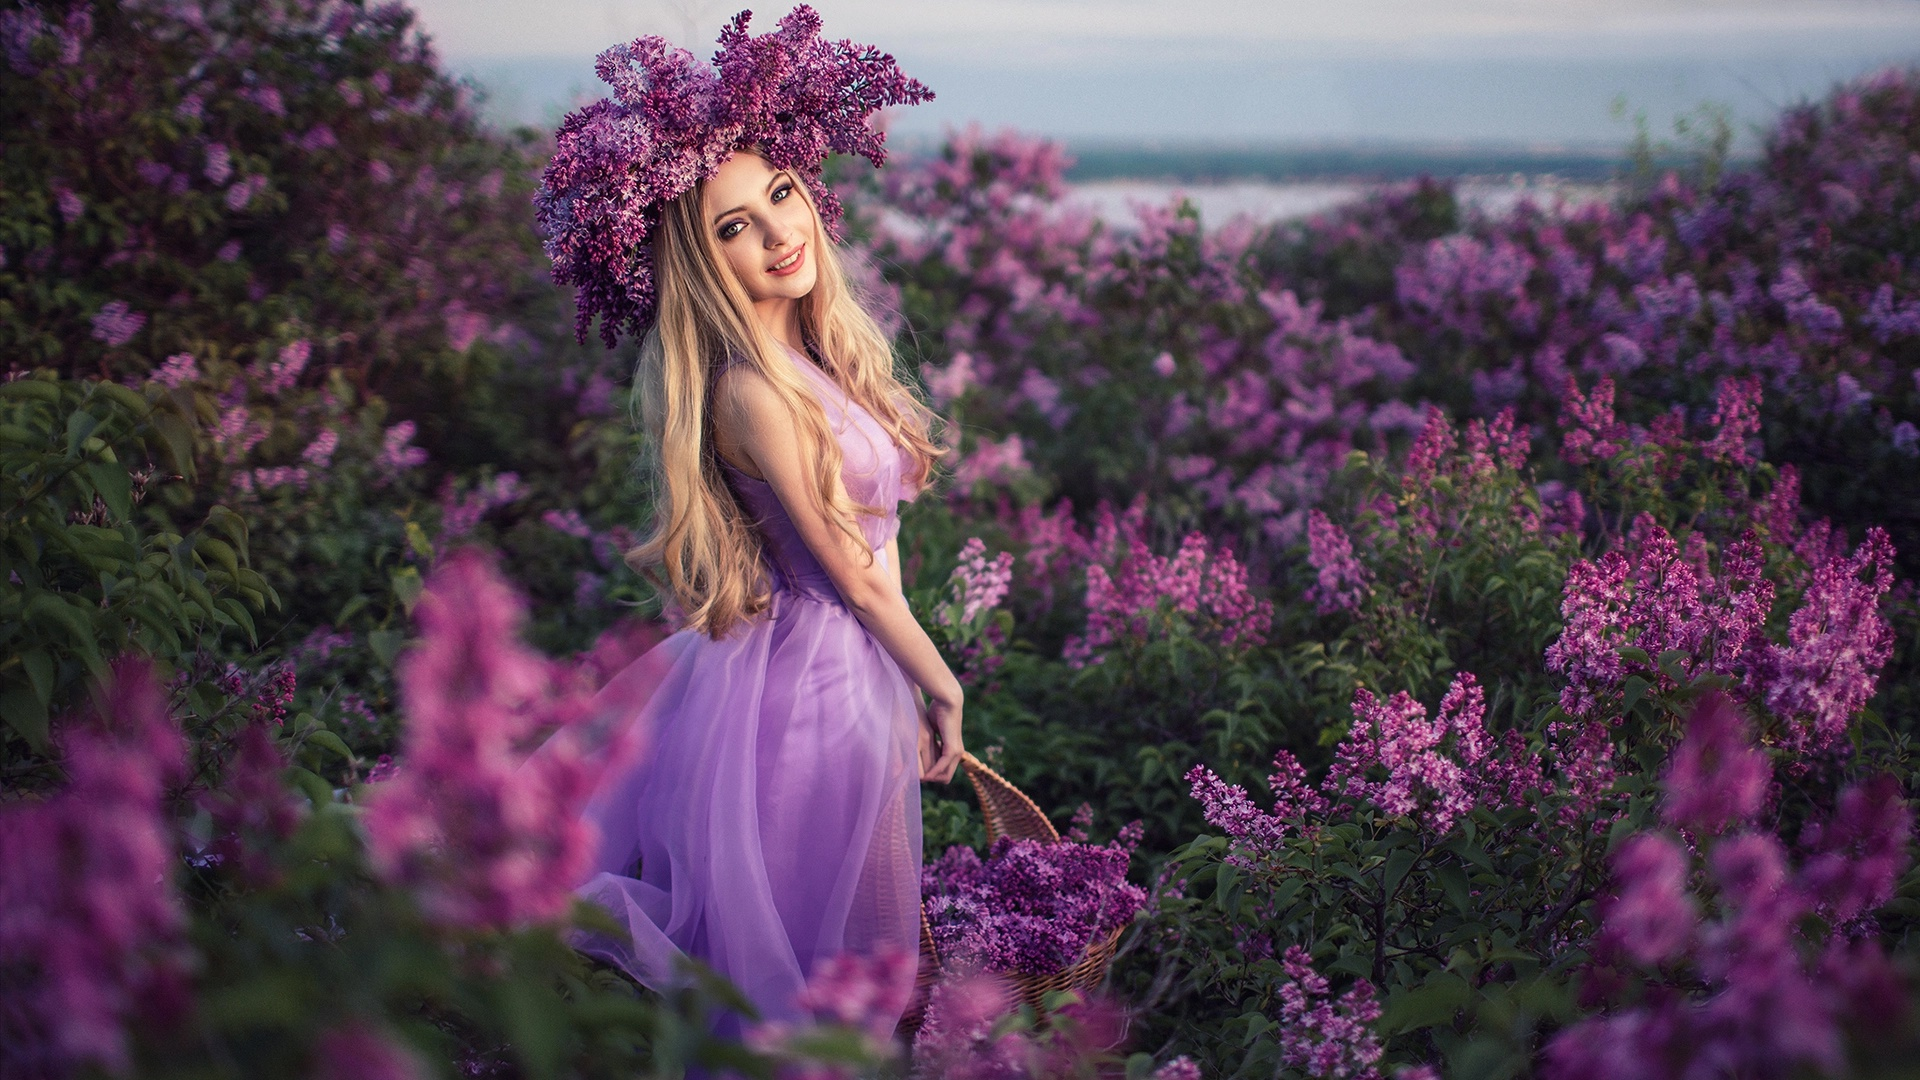 любовь к сиреневому цвету